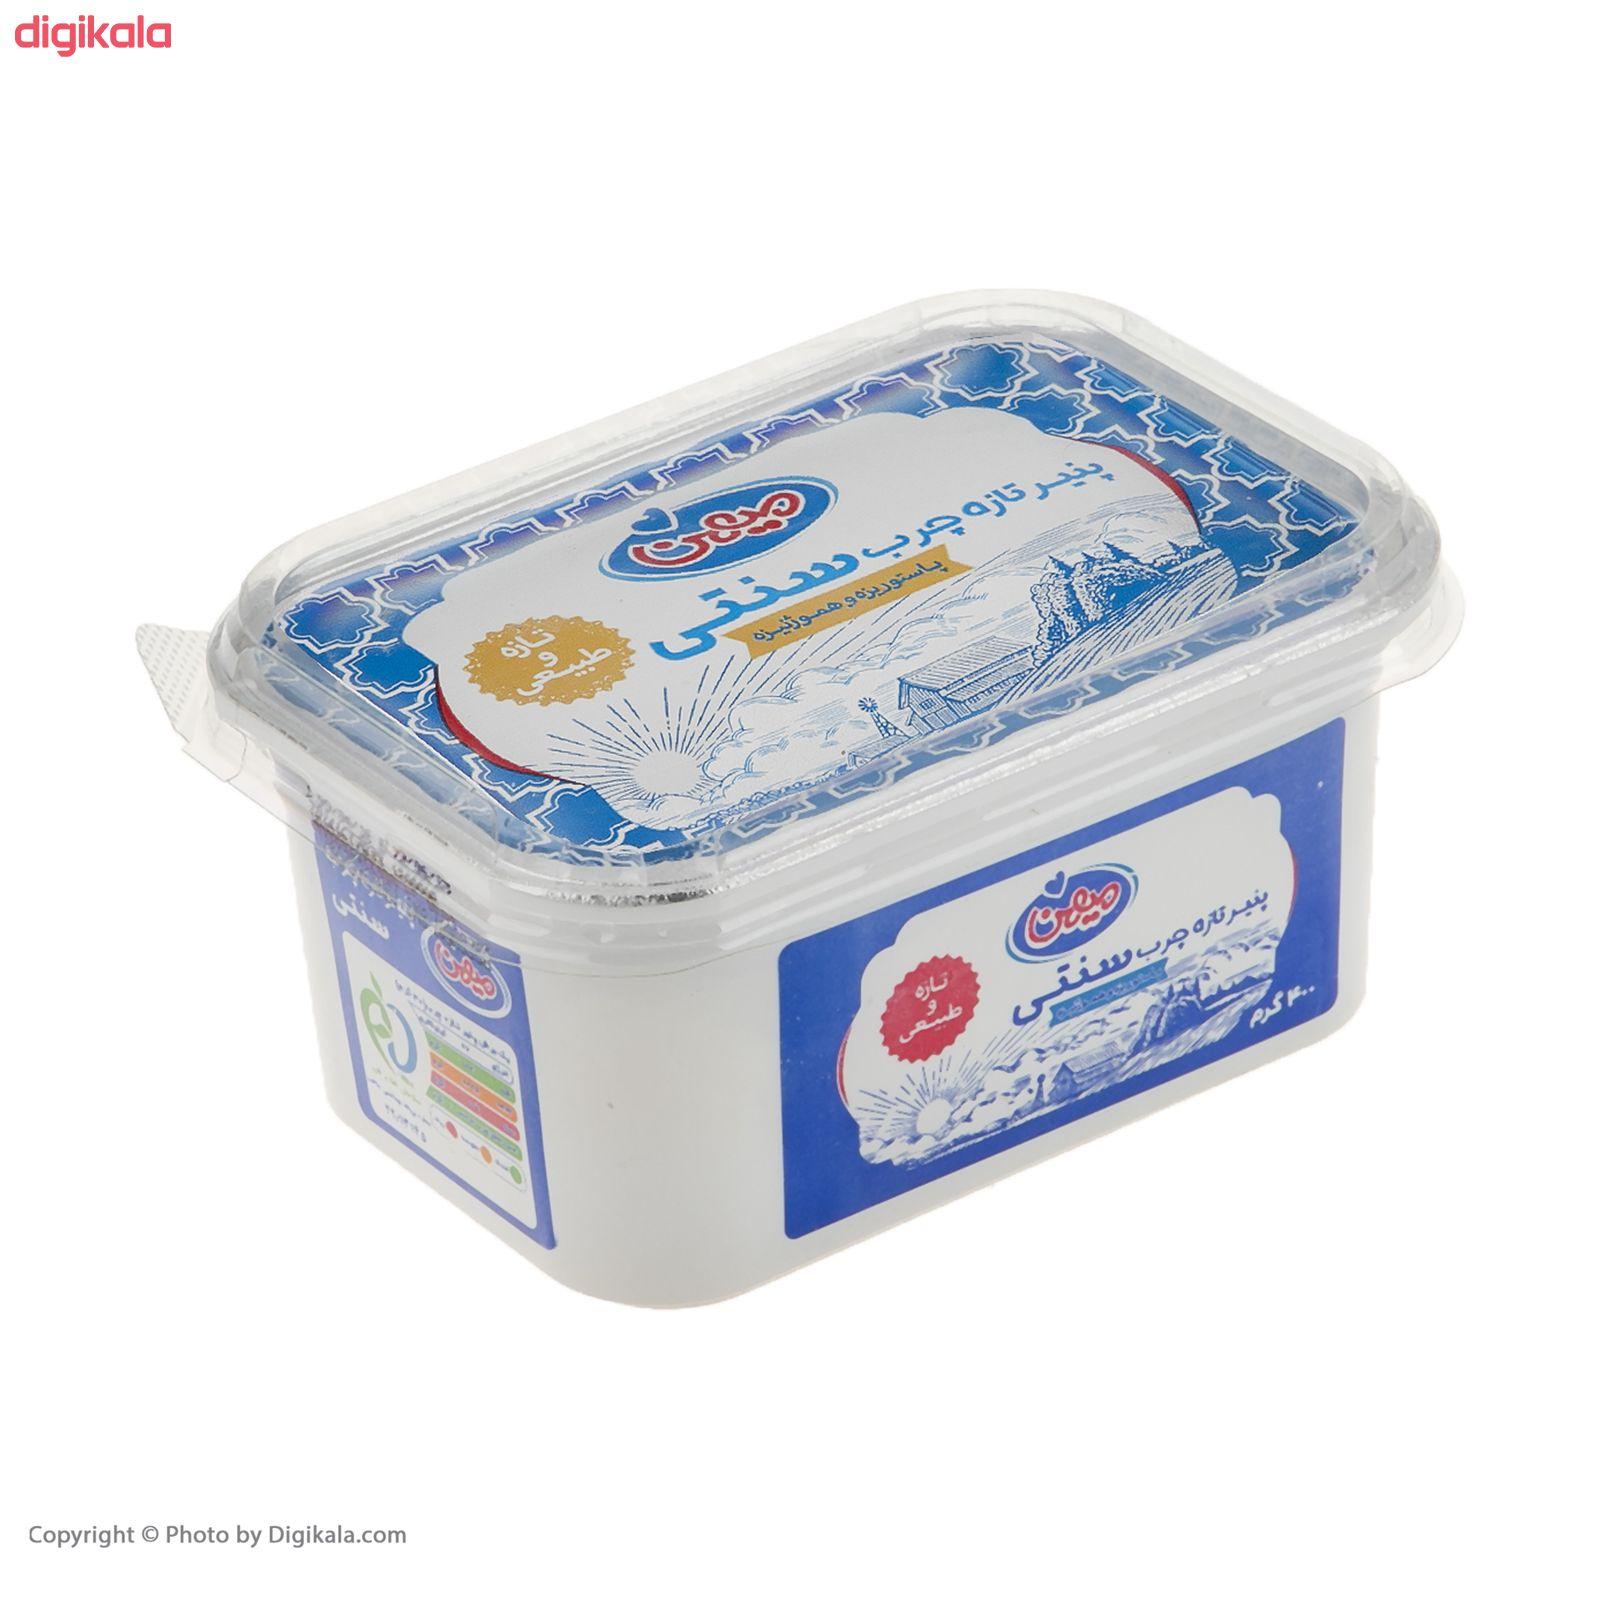 پنیر سنتی میهن - 400 گرم  main 1 3